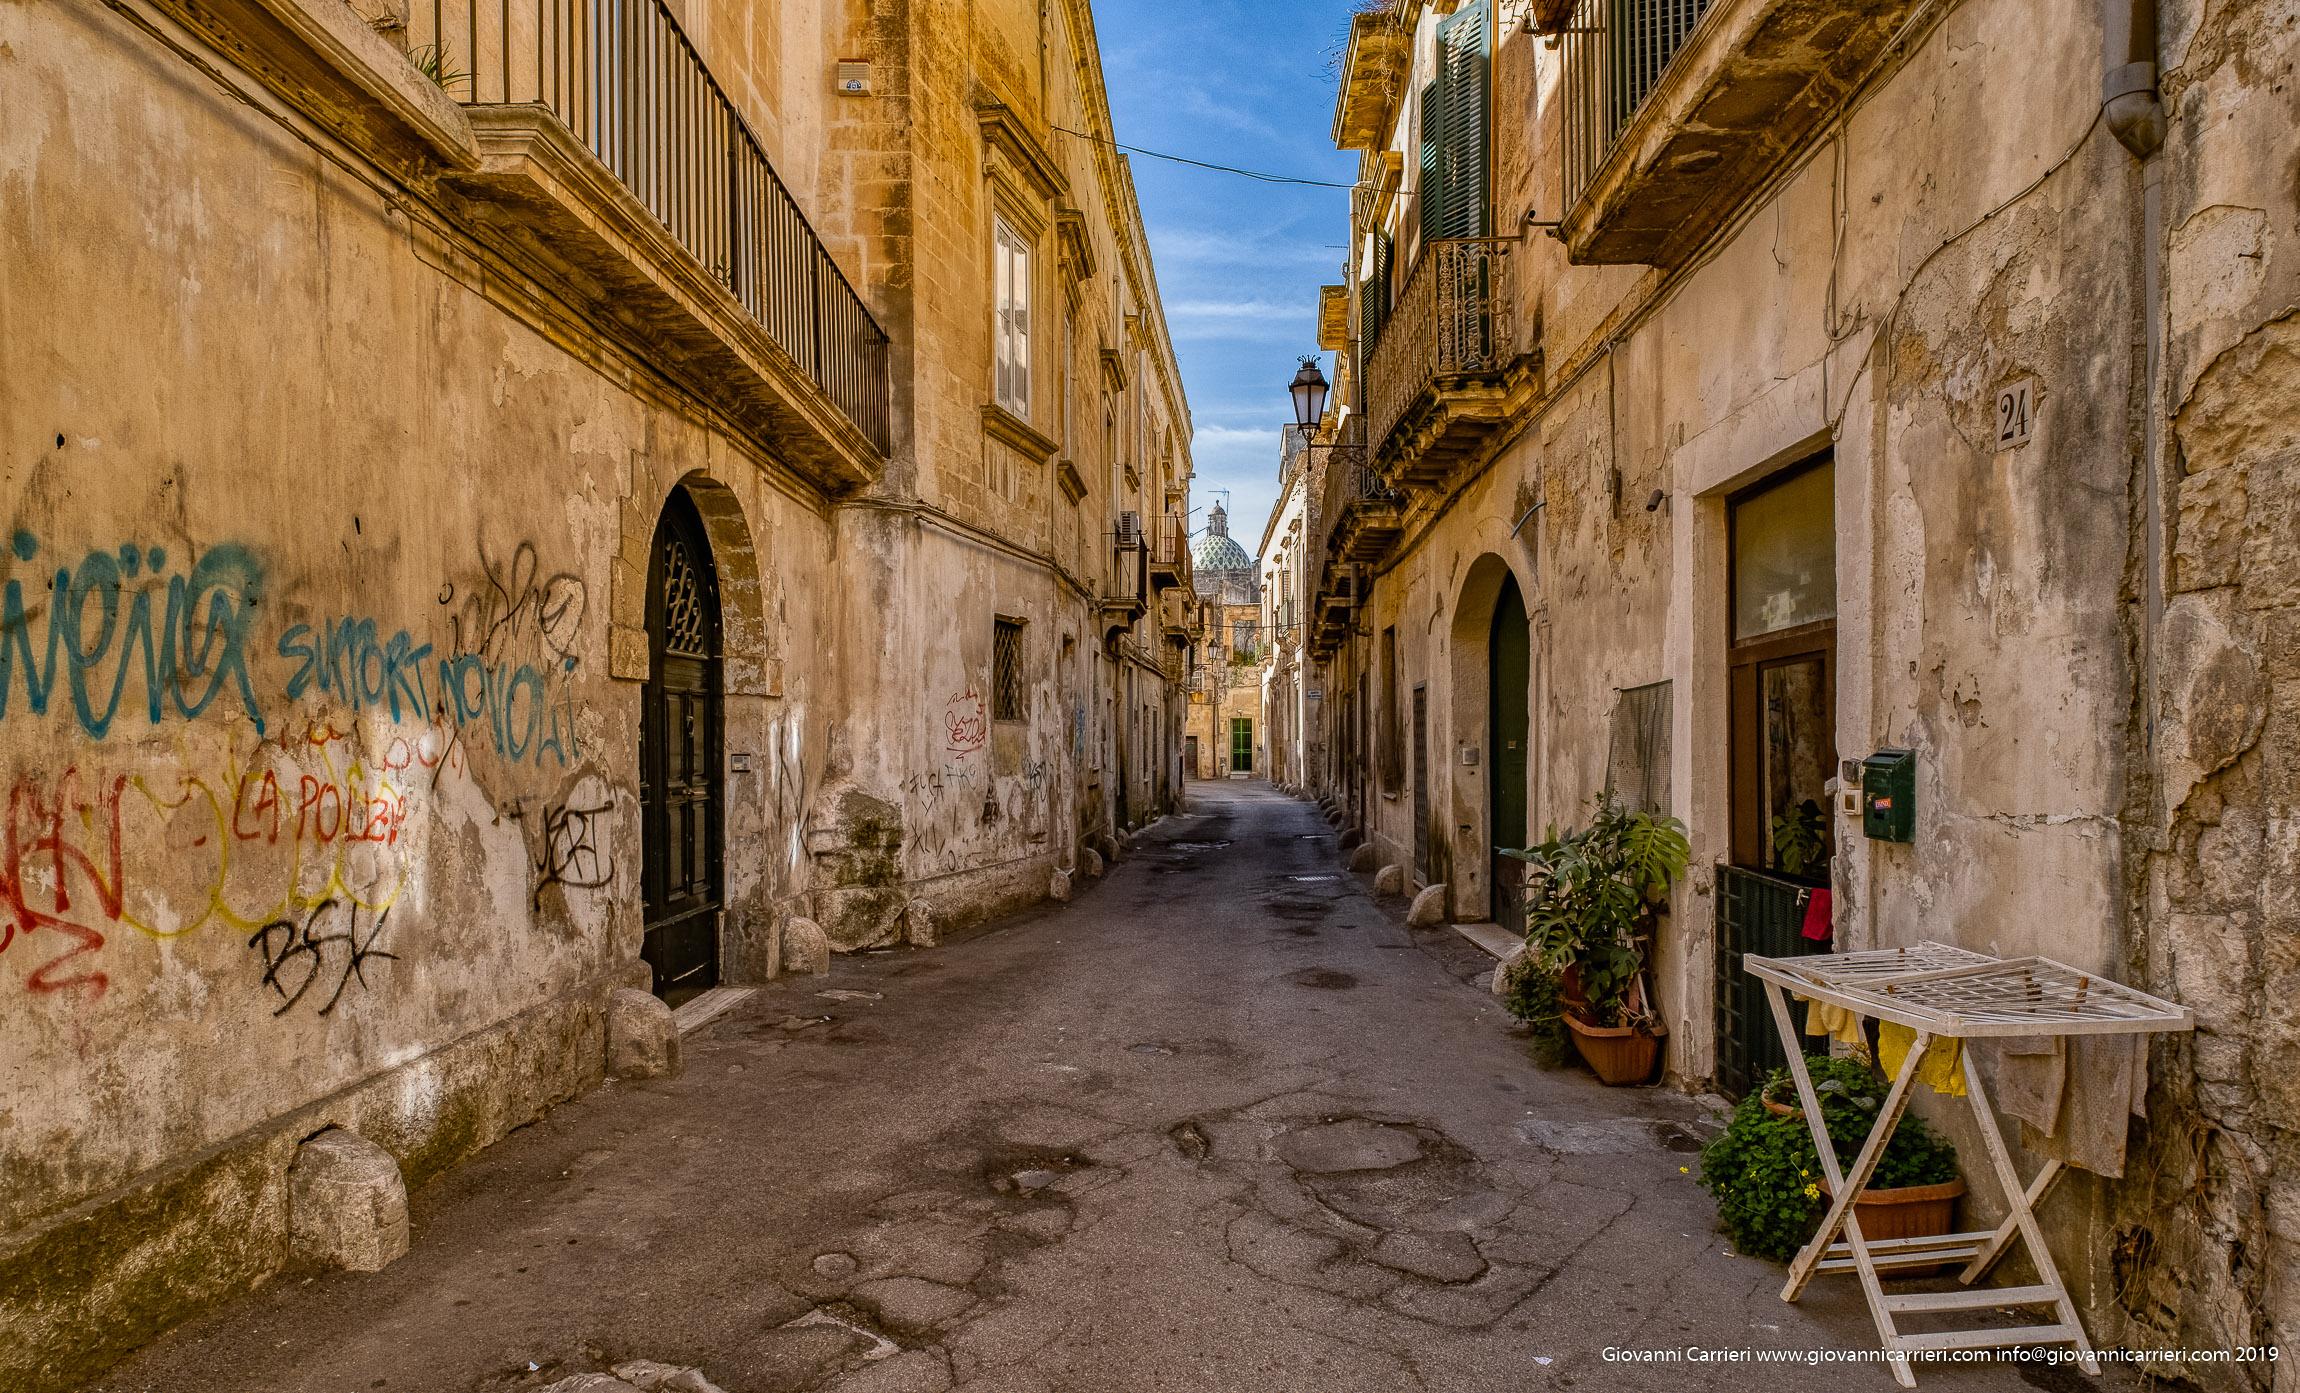 Le strade del centro storico di Lecce